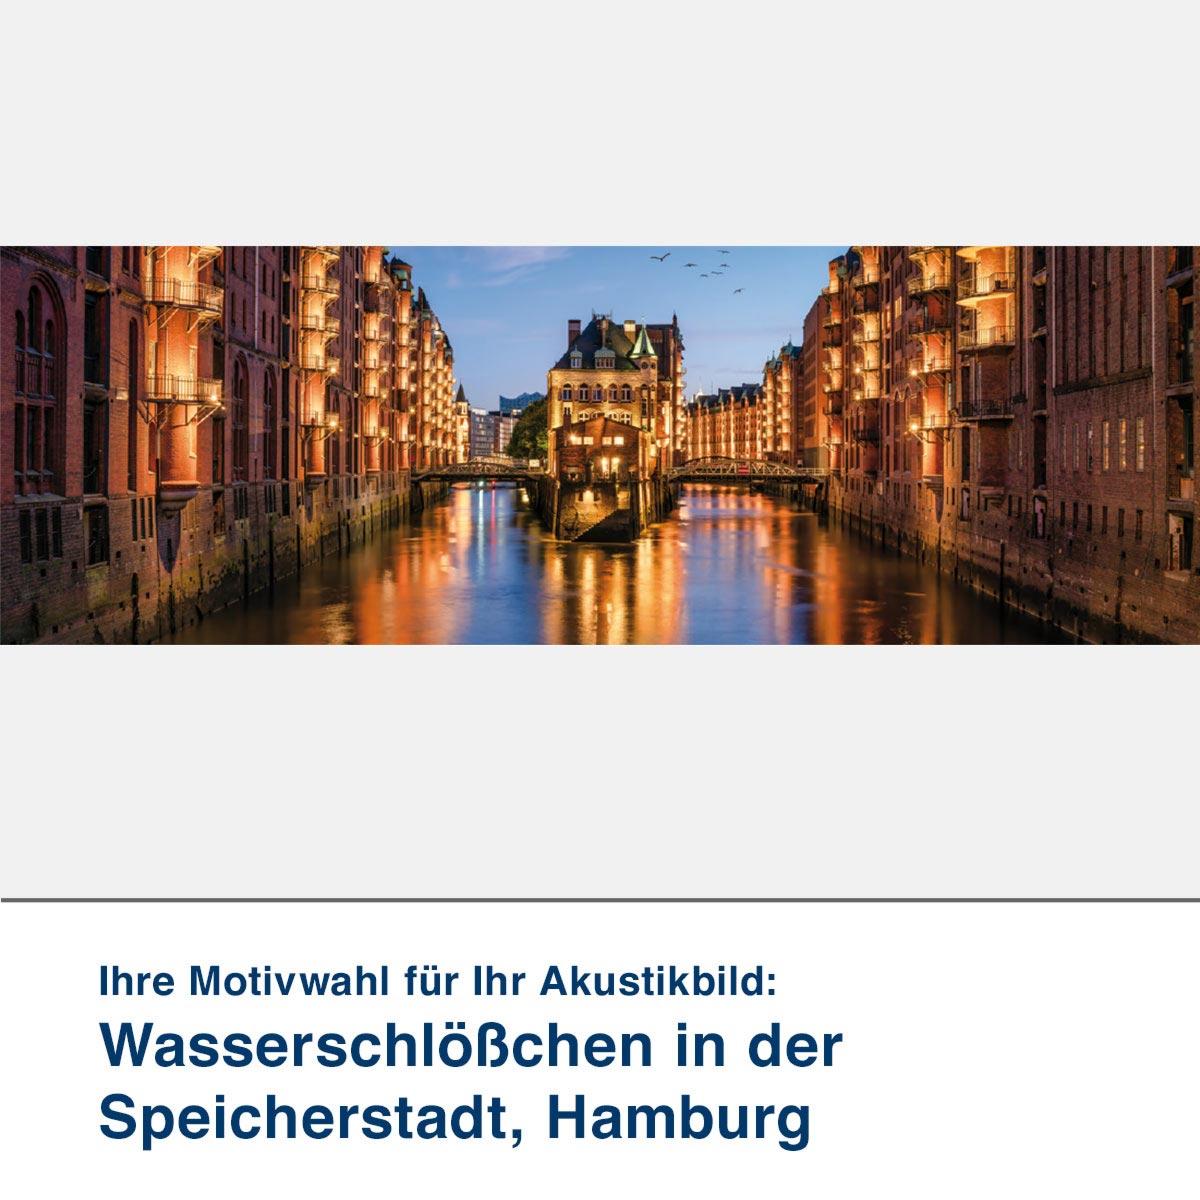 Akustikbild Motiv Wasserschlößchen in der Speicherstadt, Hamburg